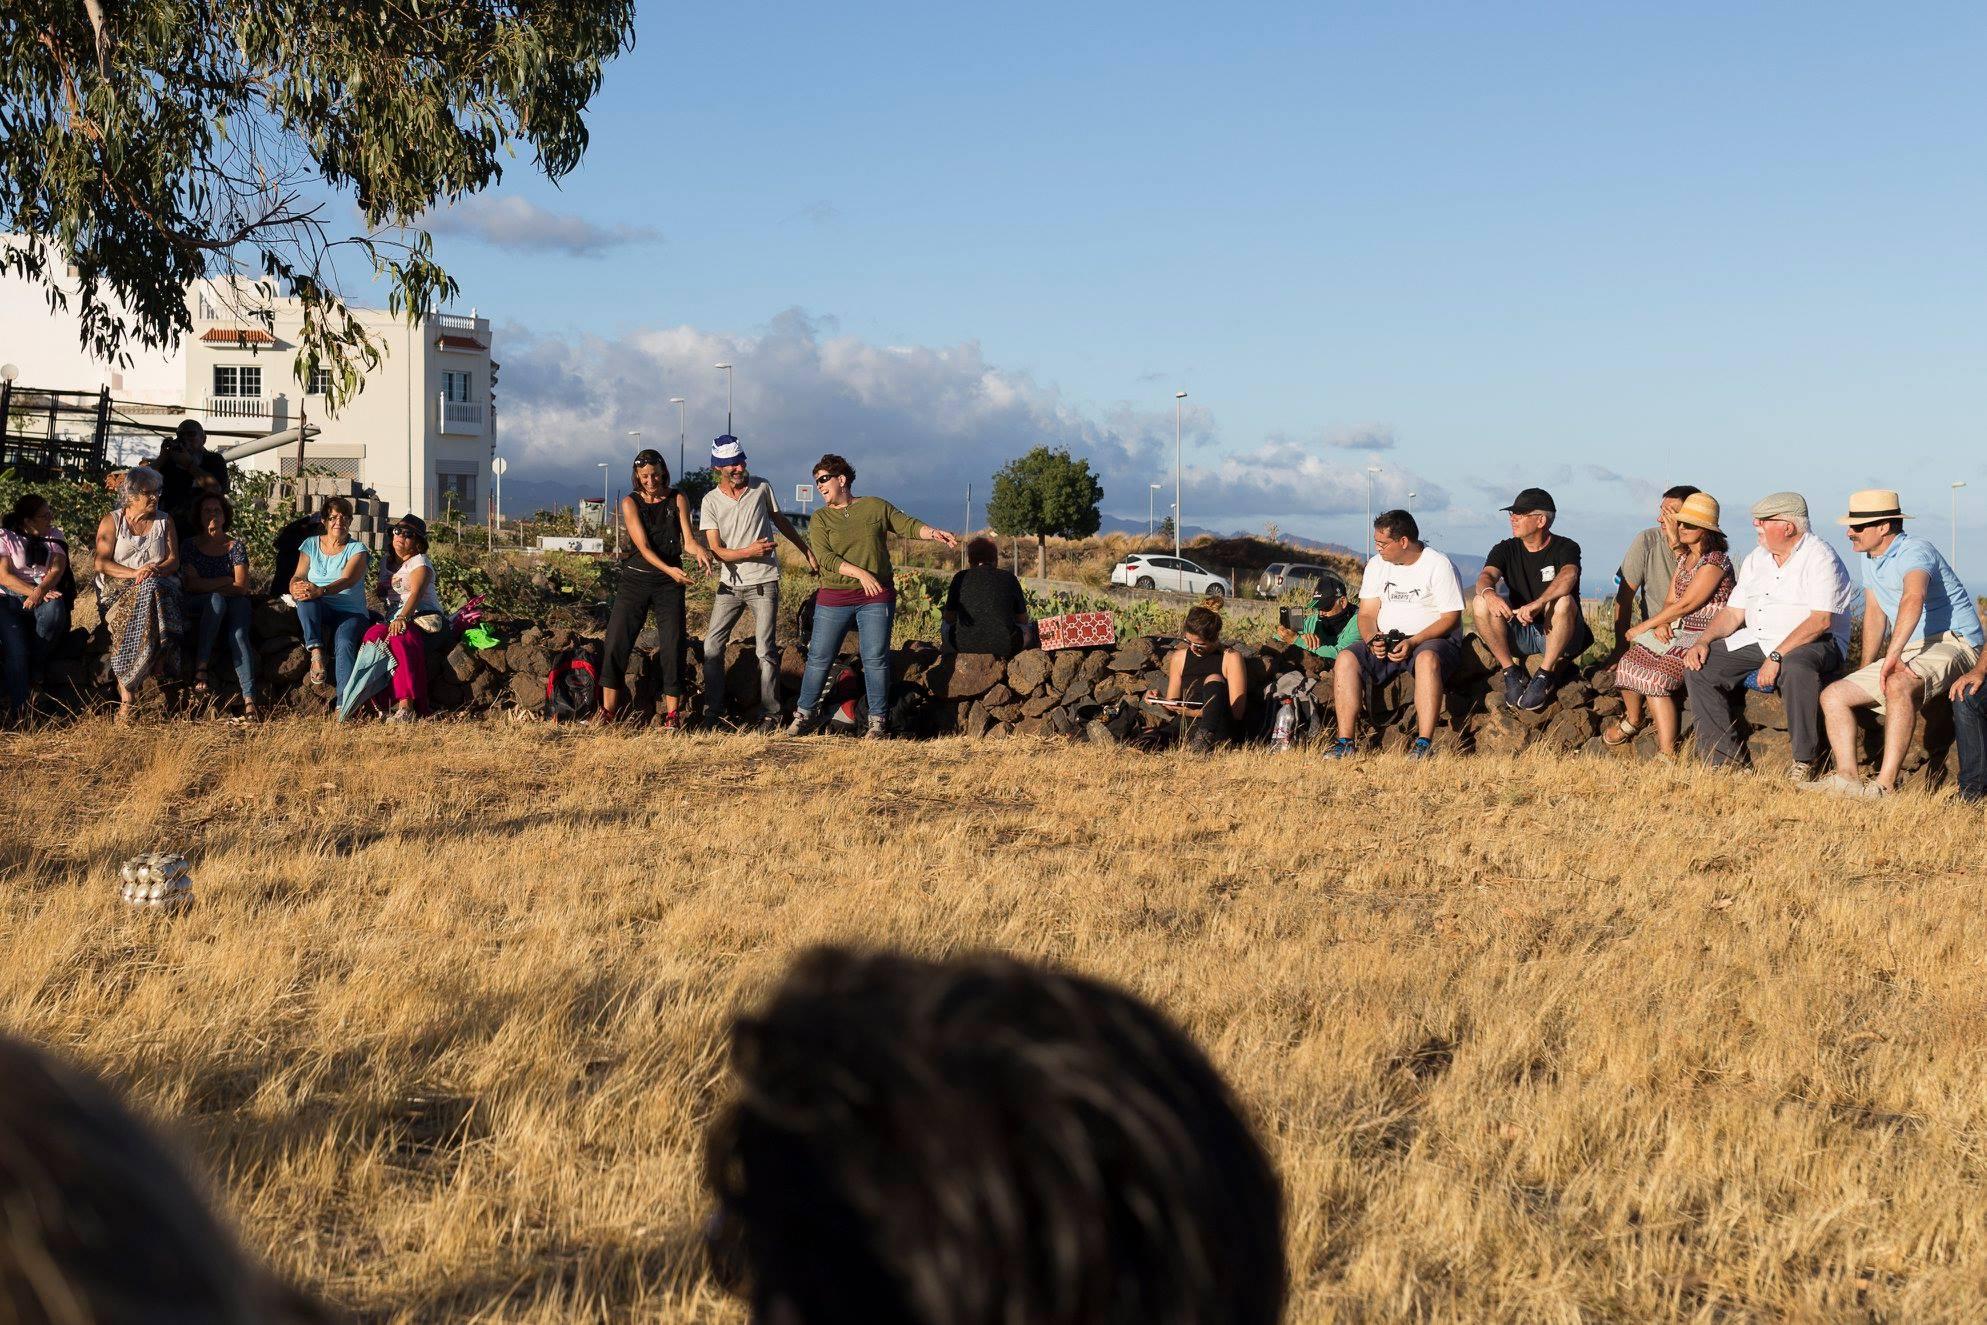 El X Festival Rural de Creación Las Eras de El Tablero prepara un fin de semana de artes